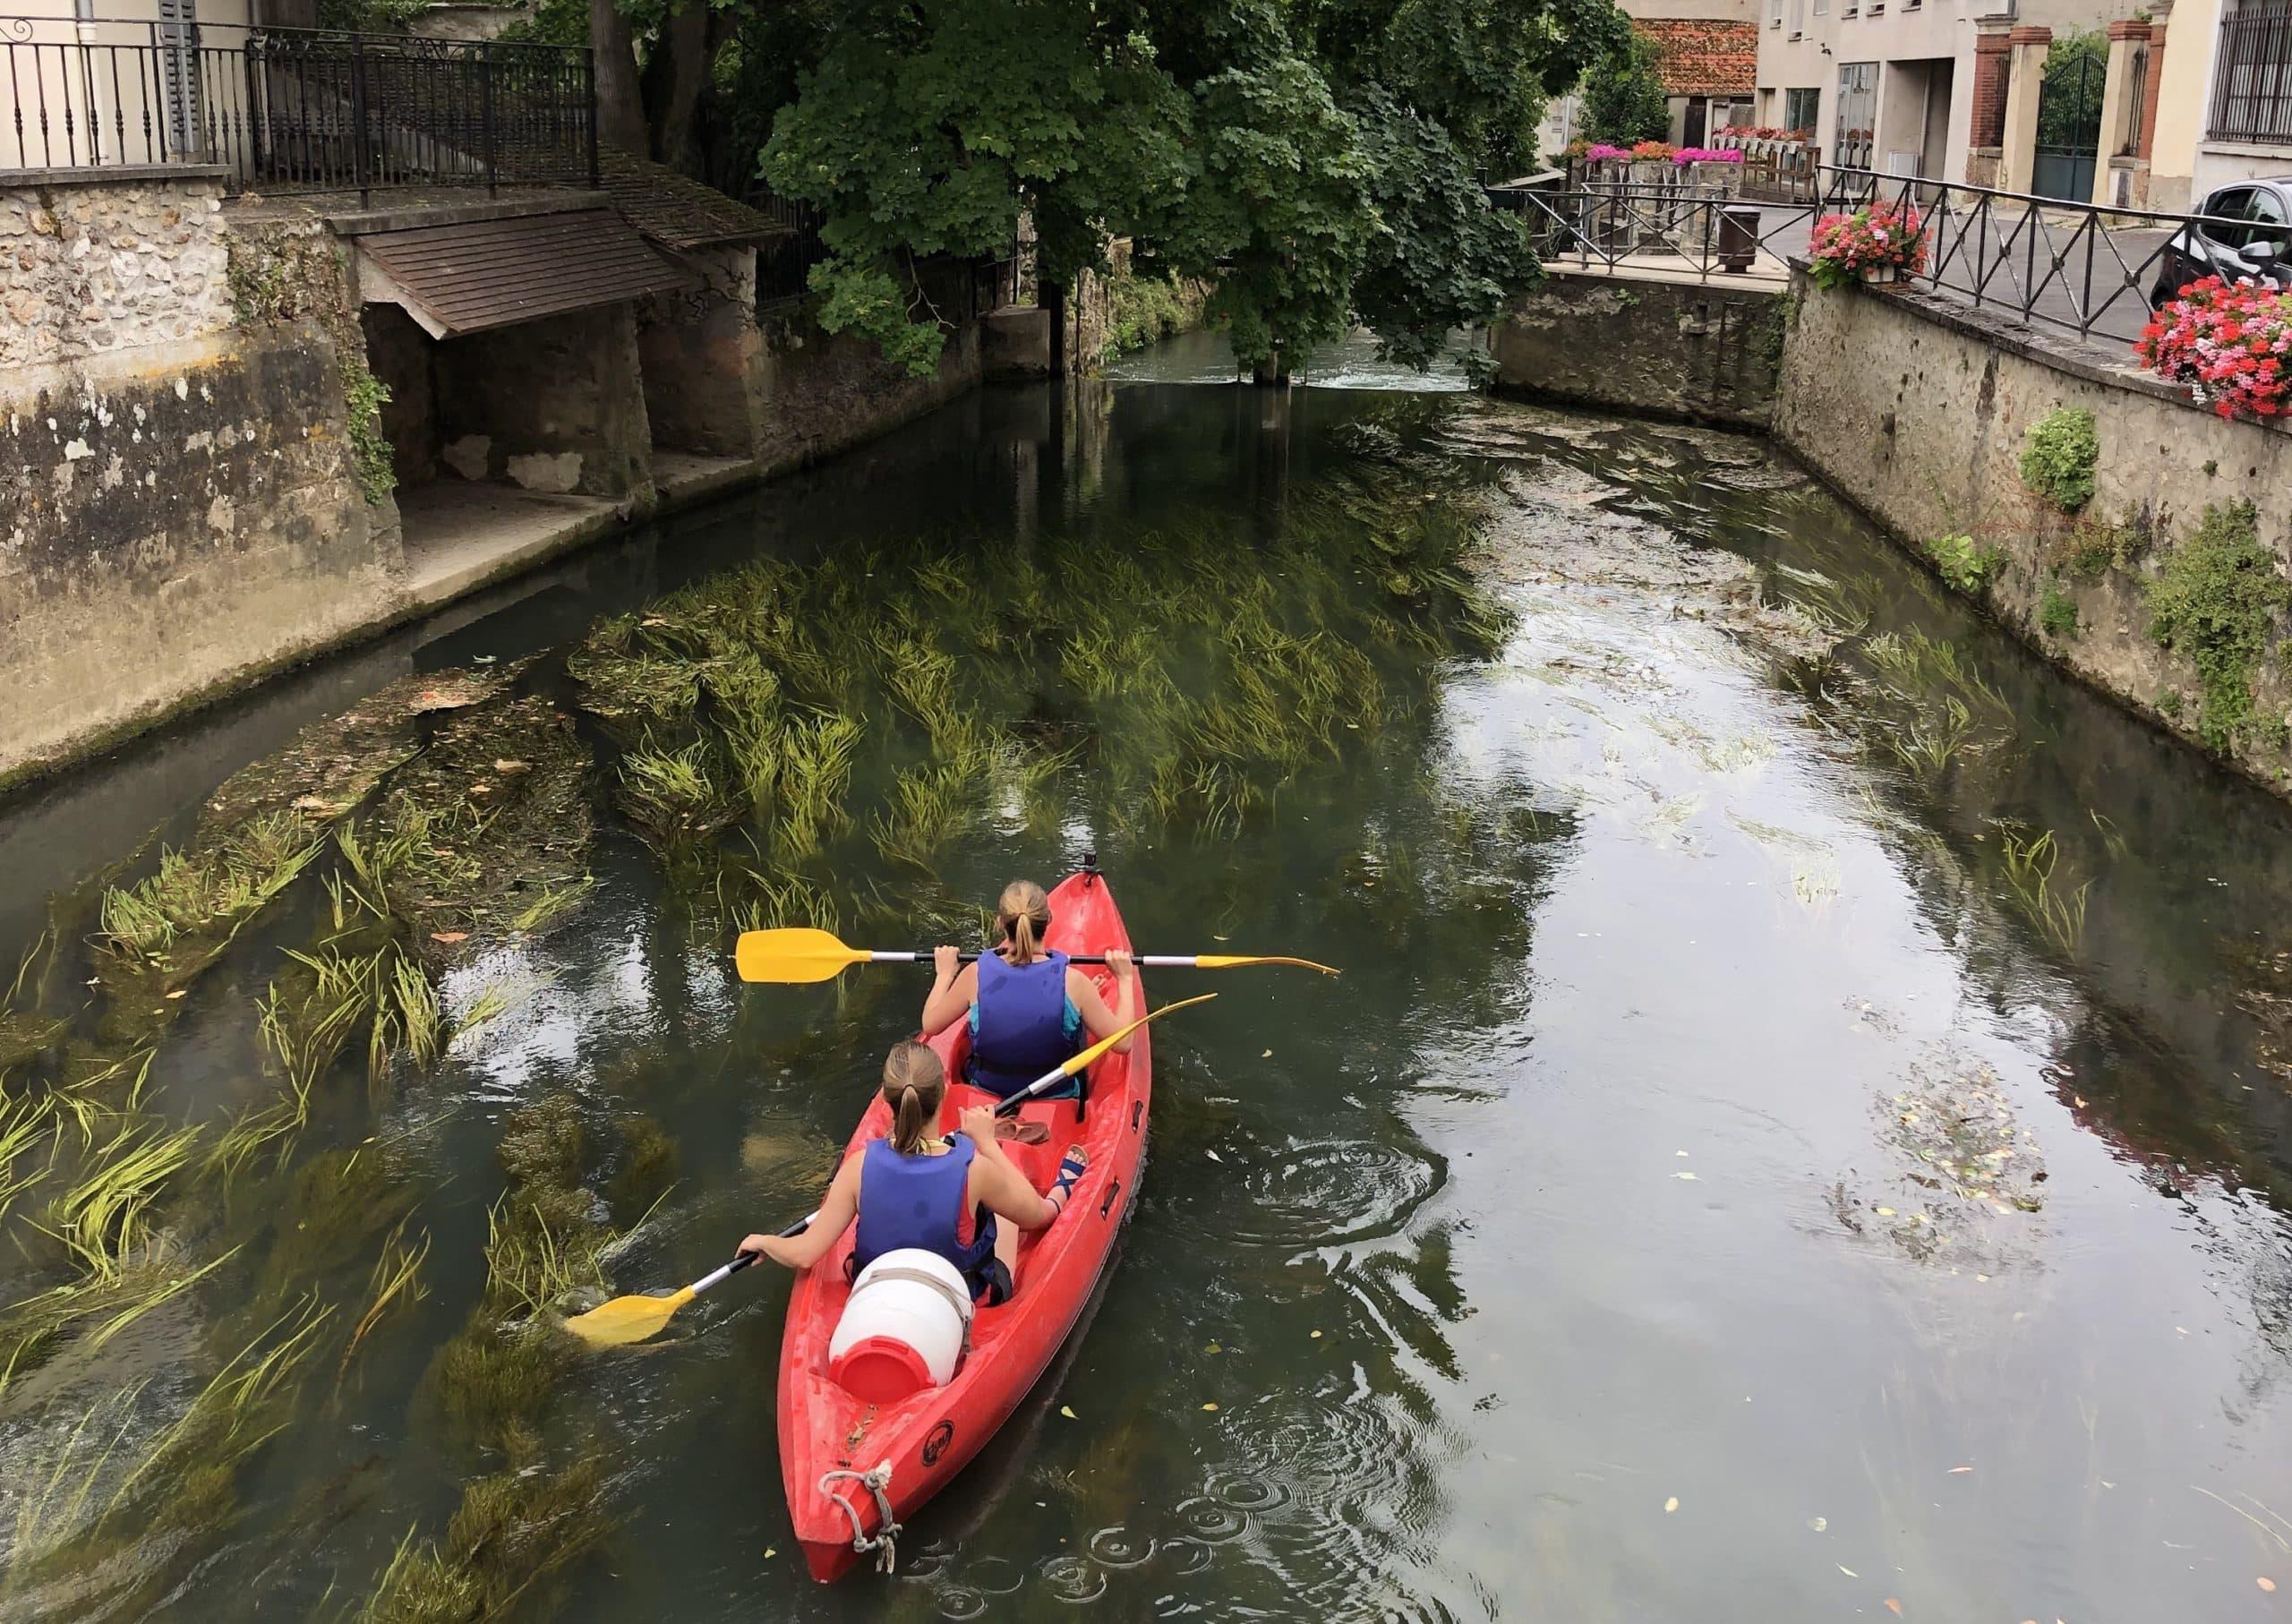 Comment pratiquer le Canoë-kayak ?